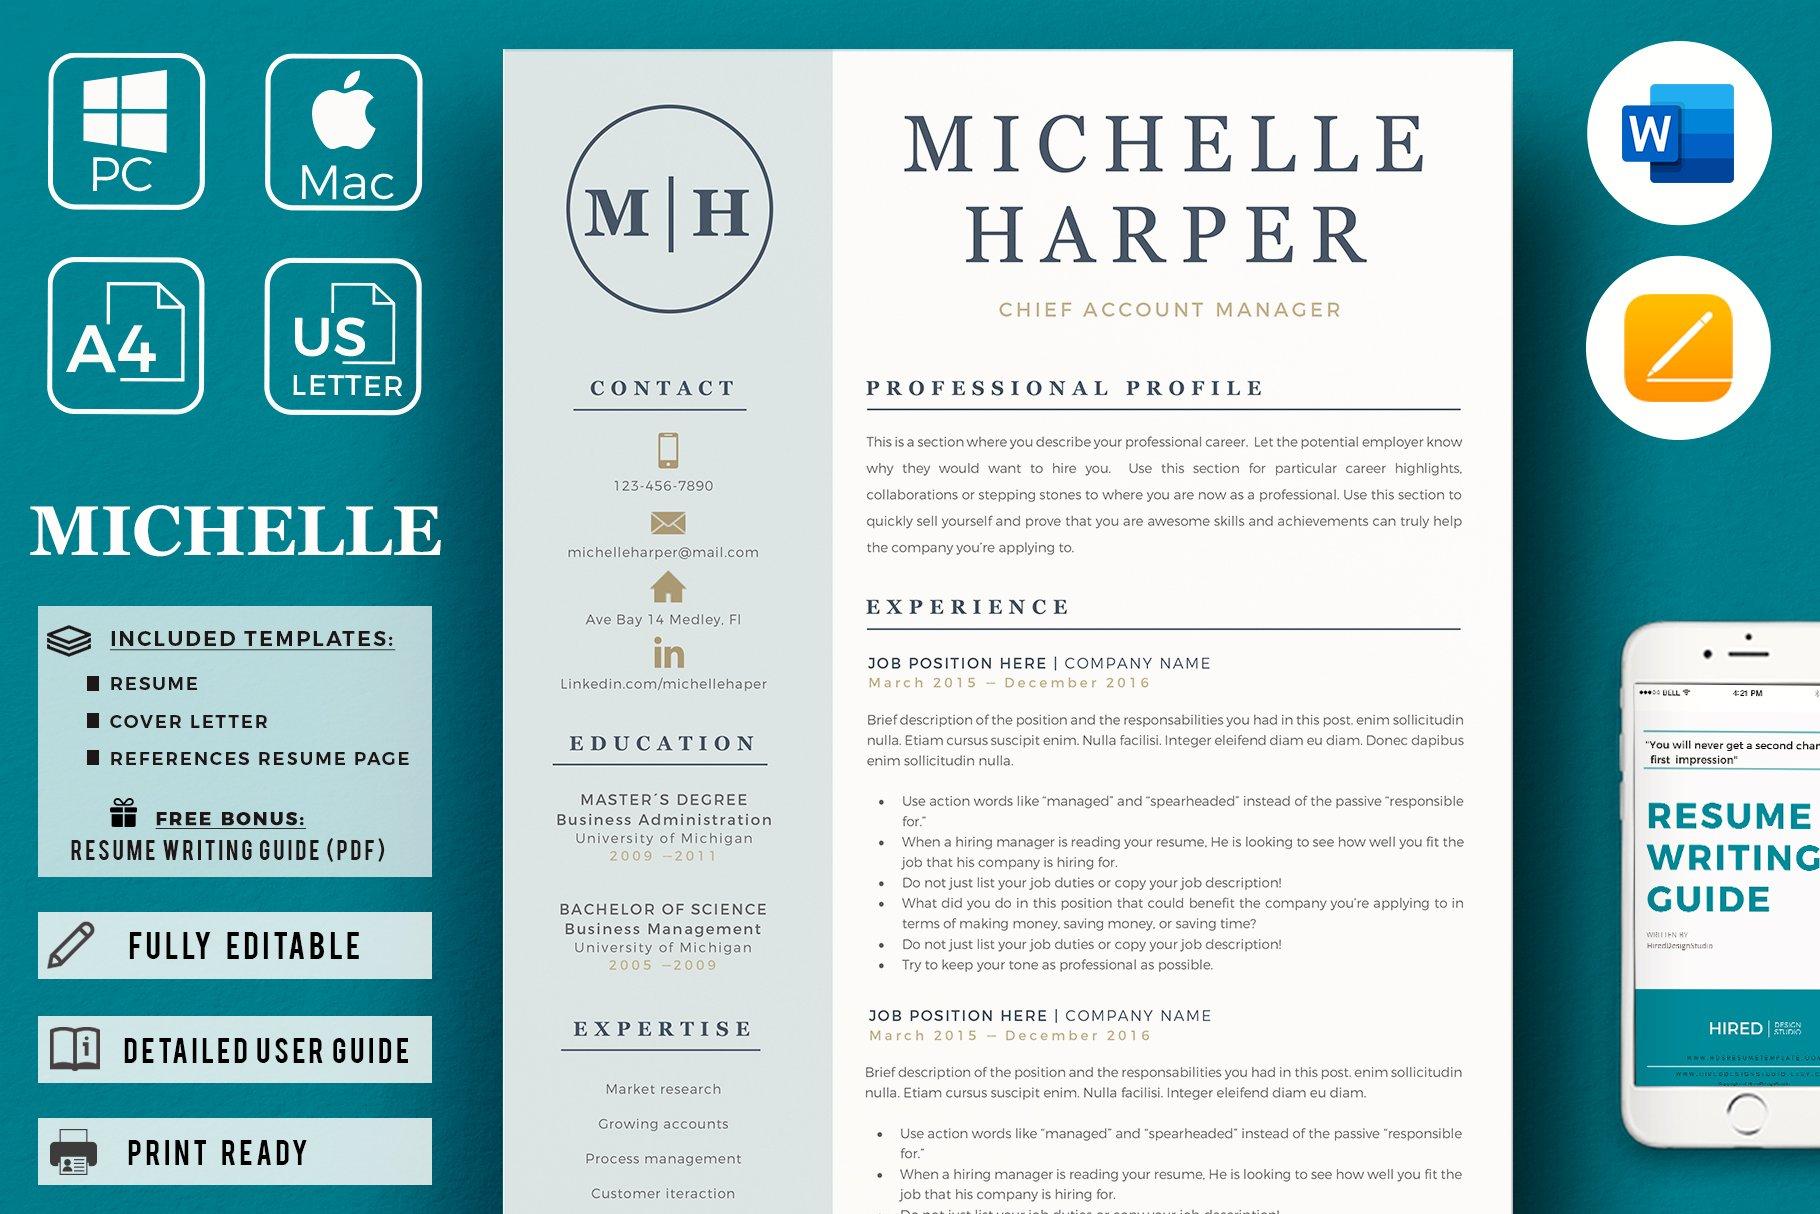 michelle harper and resume